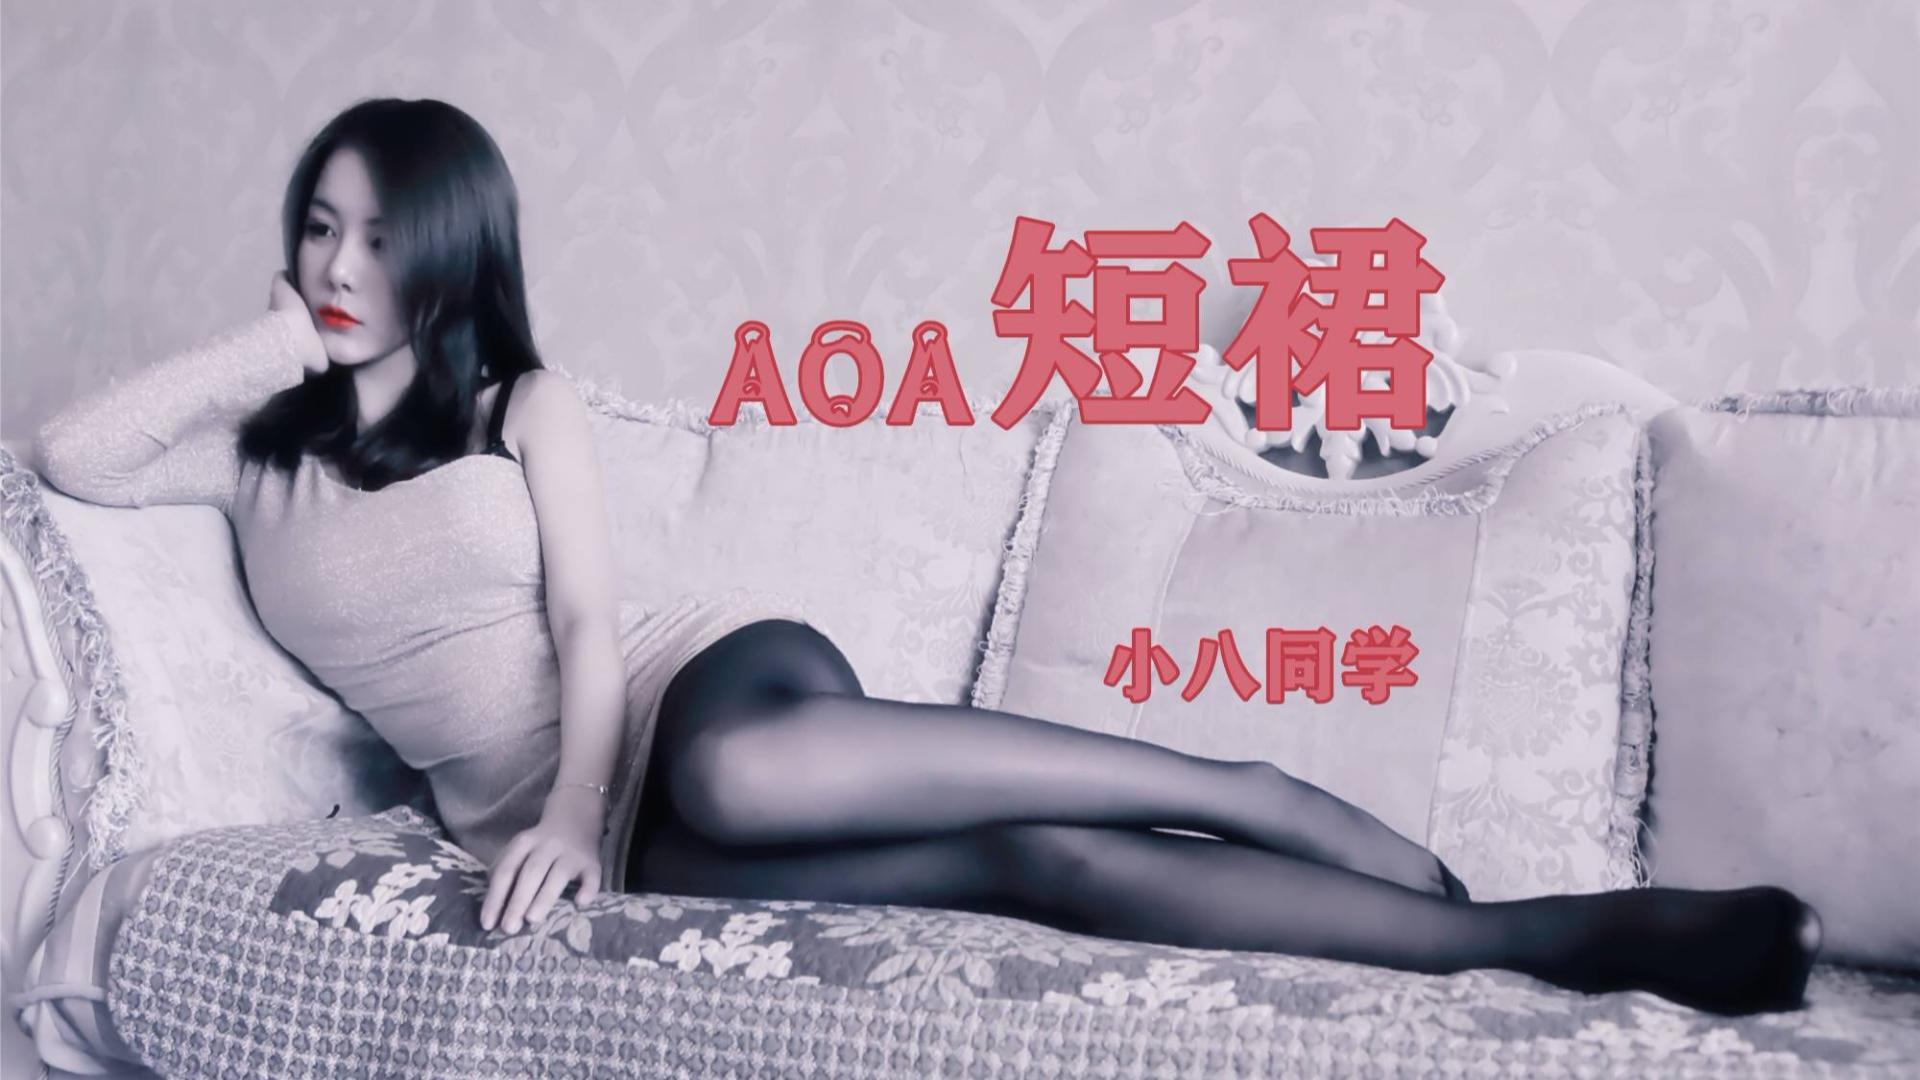 【小八同学】AOA短裙 半夜的停车场 差点没被冻死版本